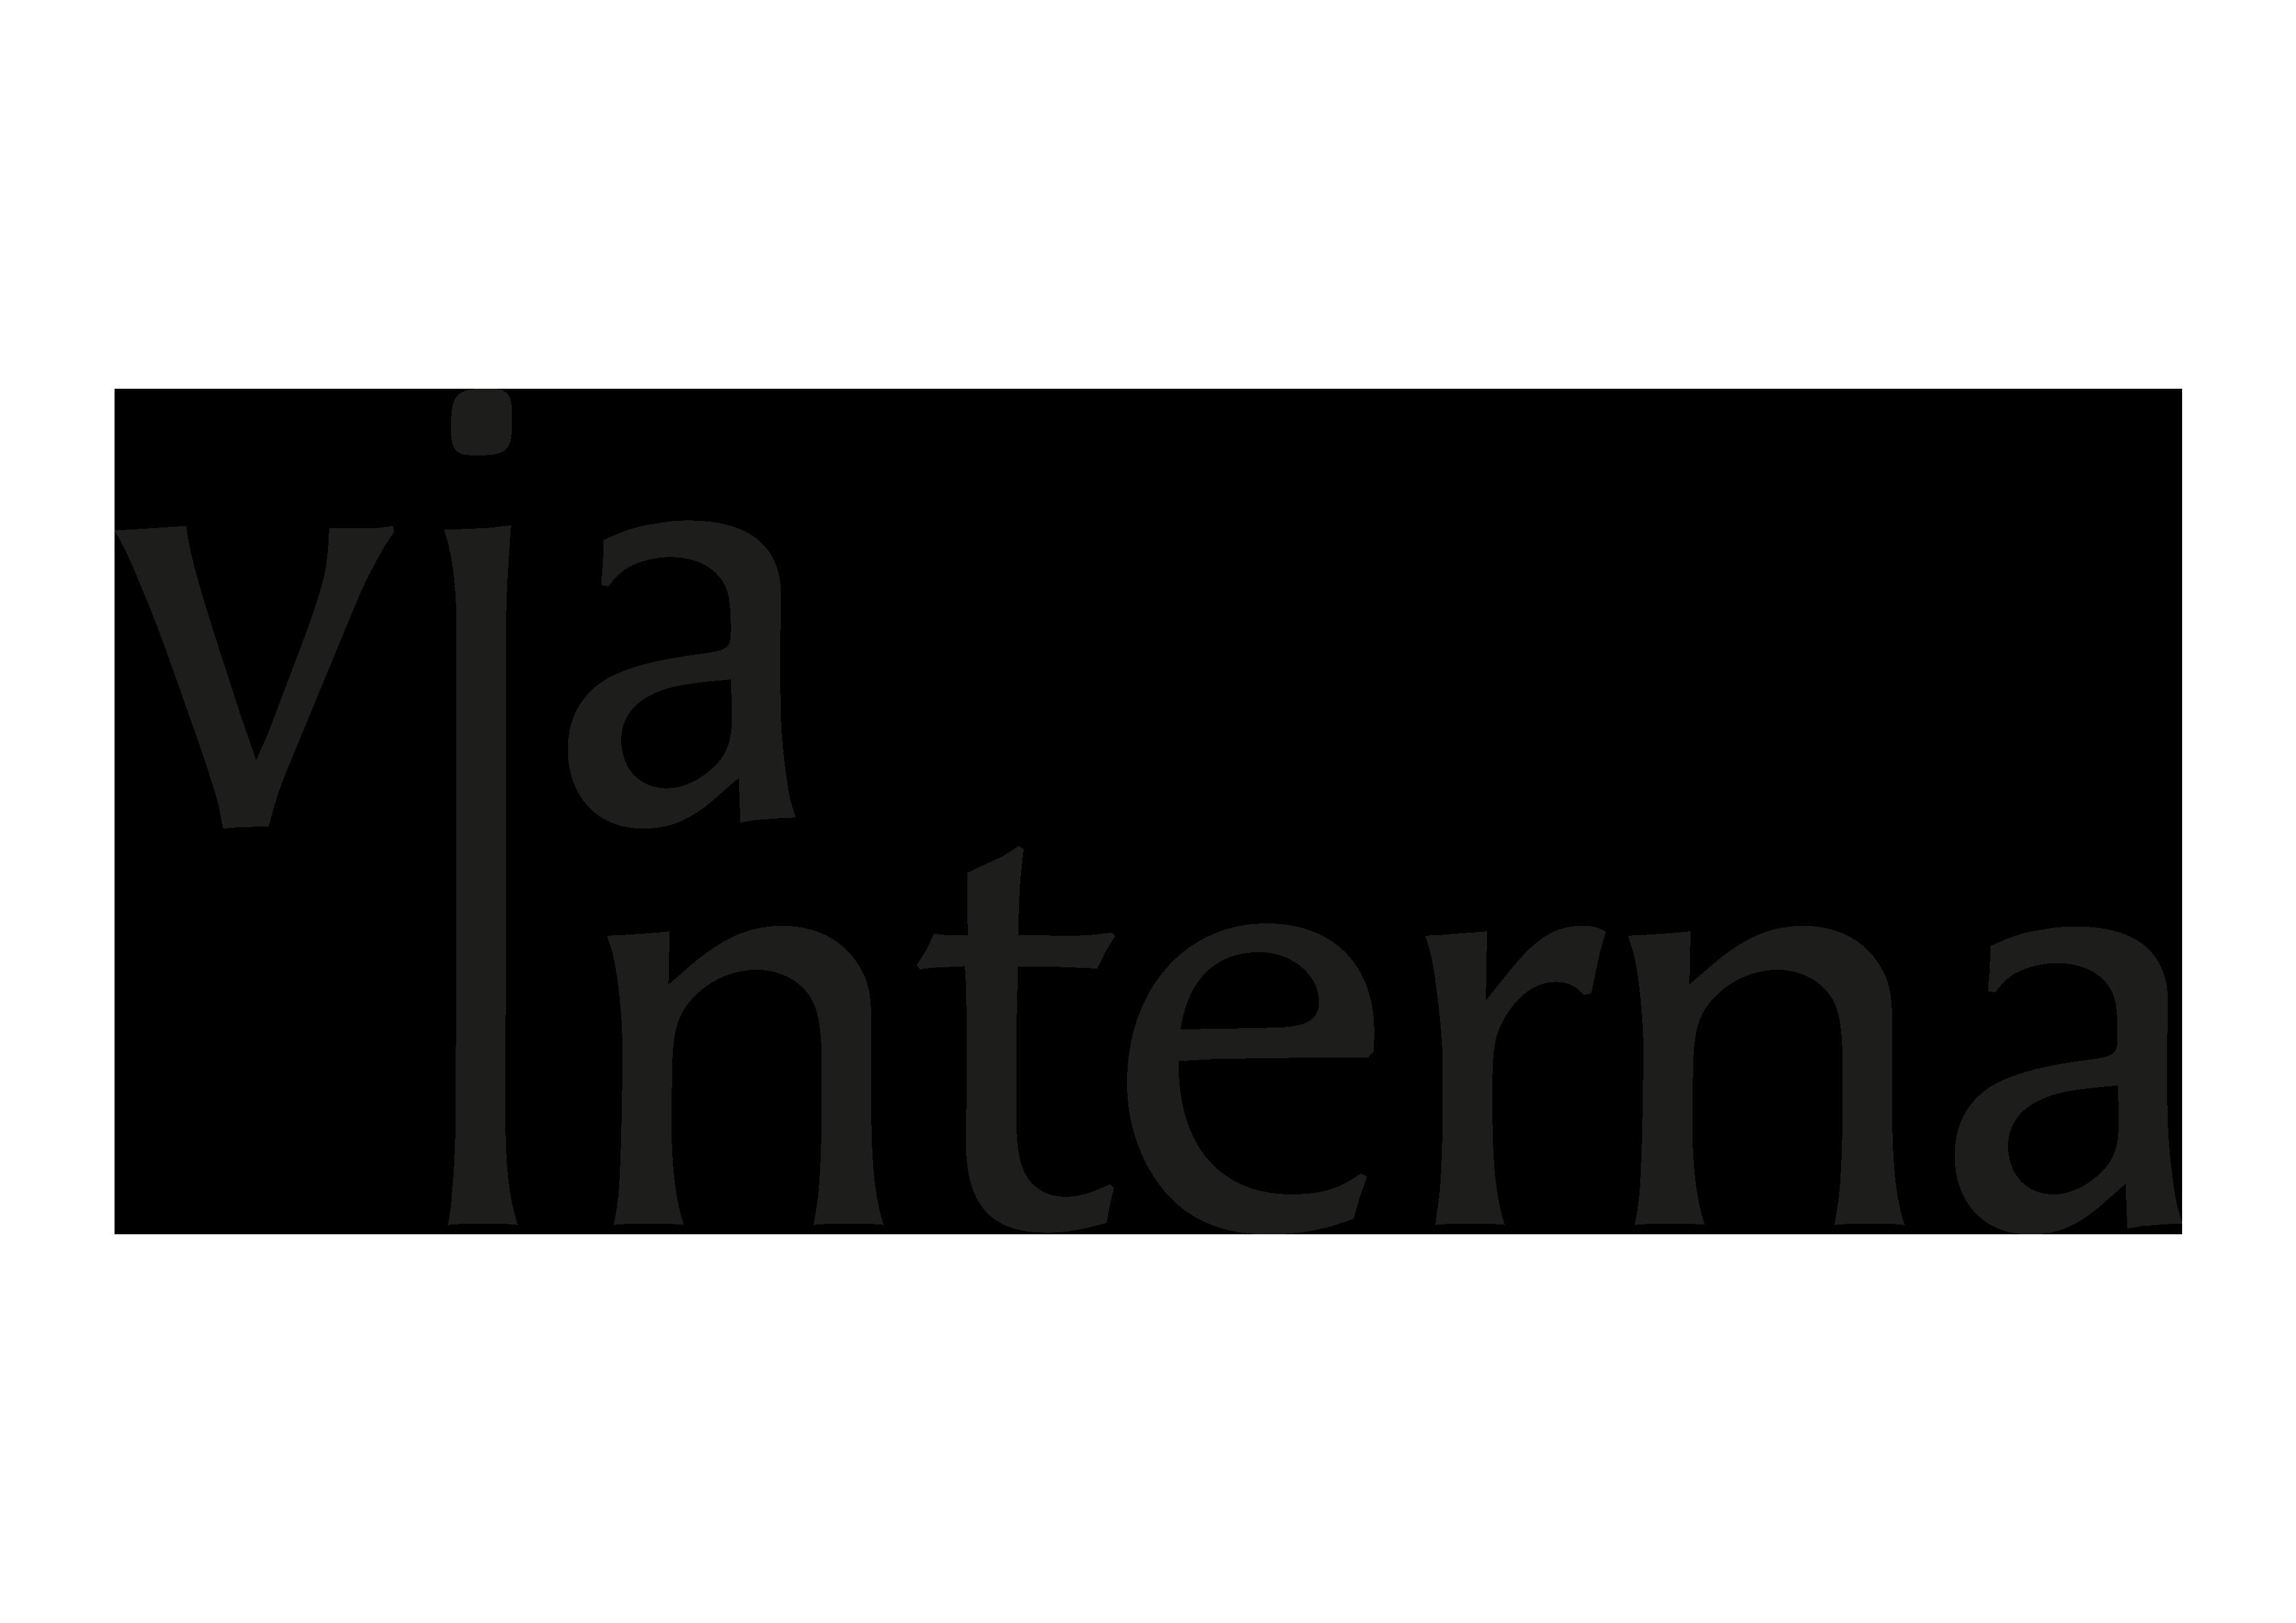 Via Interna Verlag